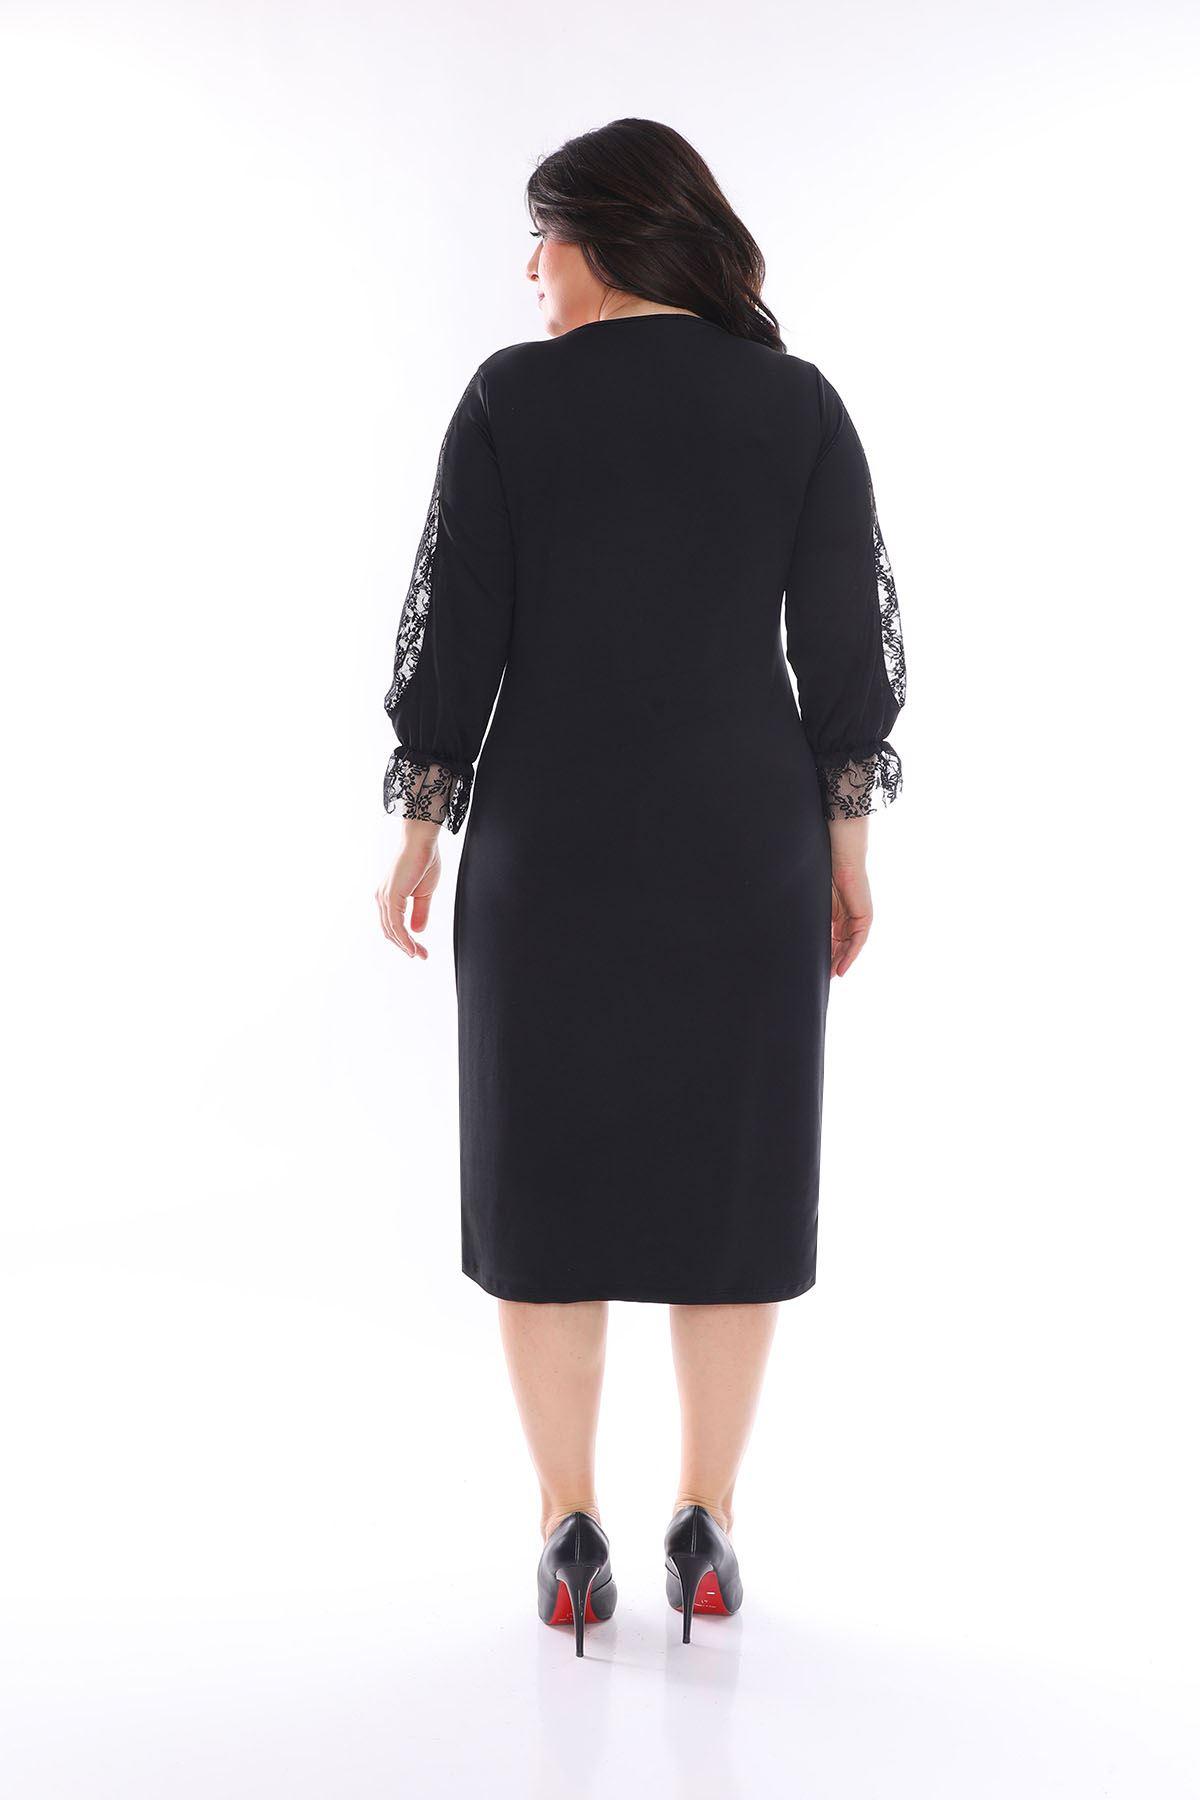 Kol Detaylı Büyük Beden Elbise 22A-1058